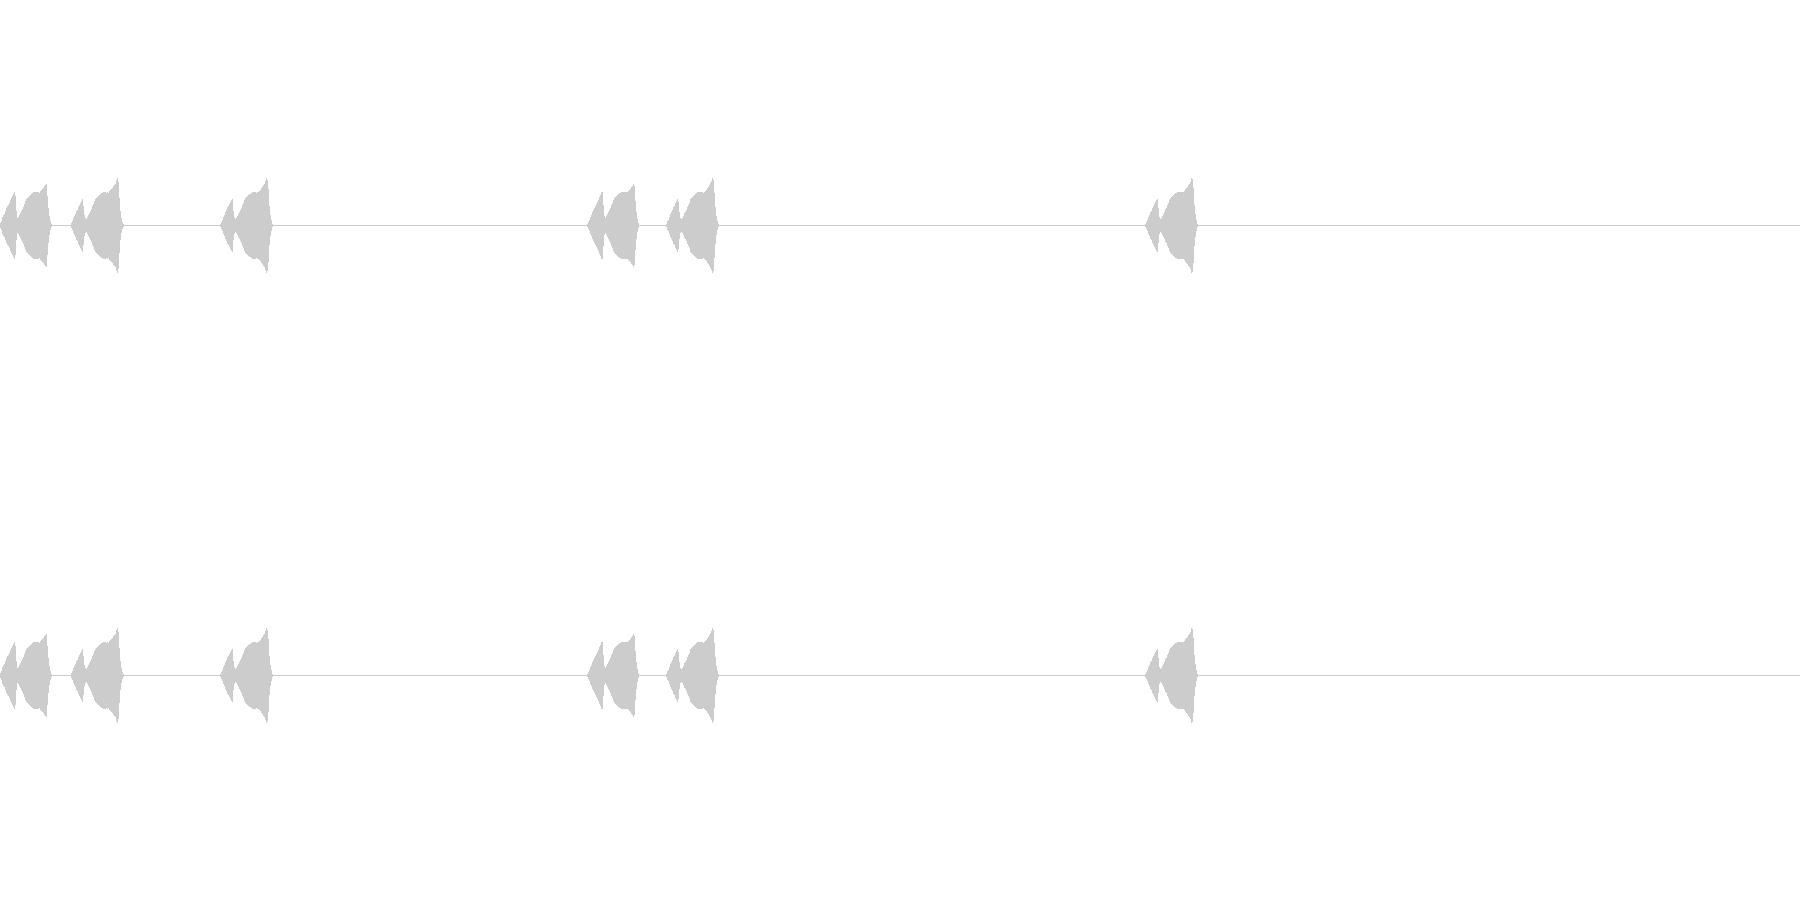 コミカルなSE(ピクピク)_その3の未再生の波形